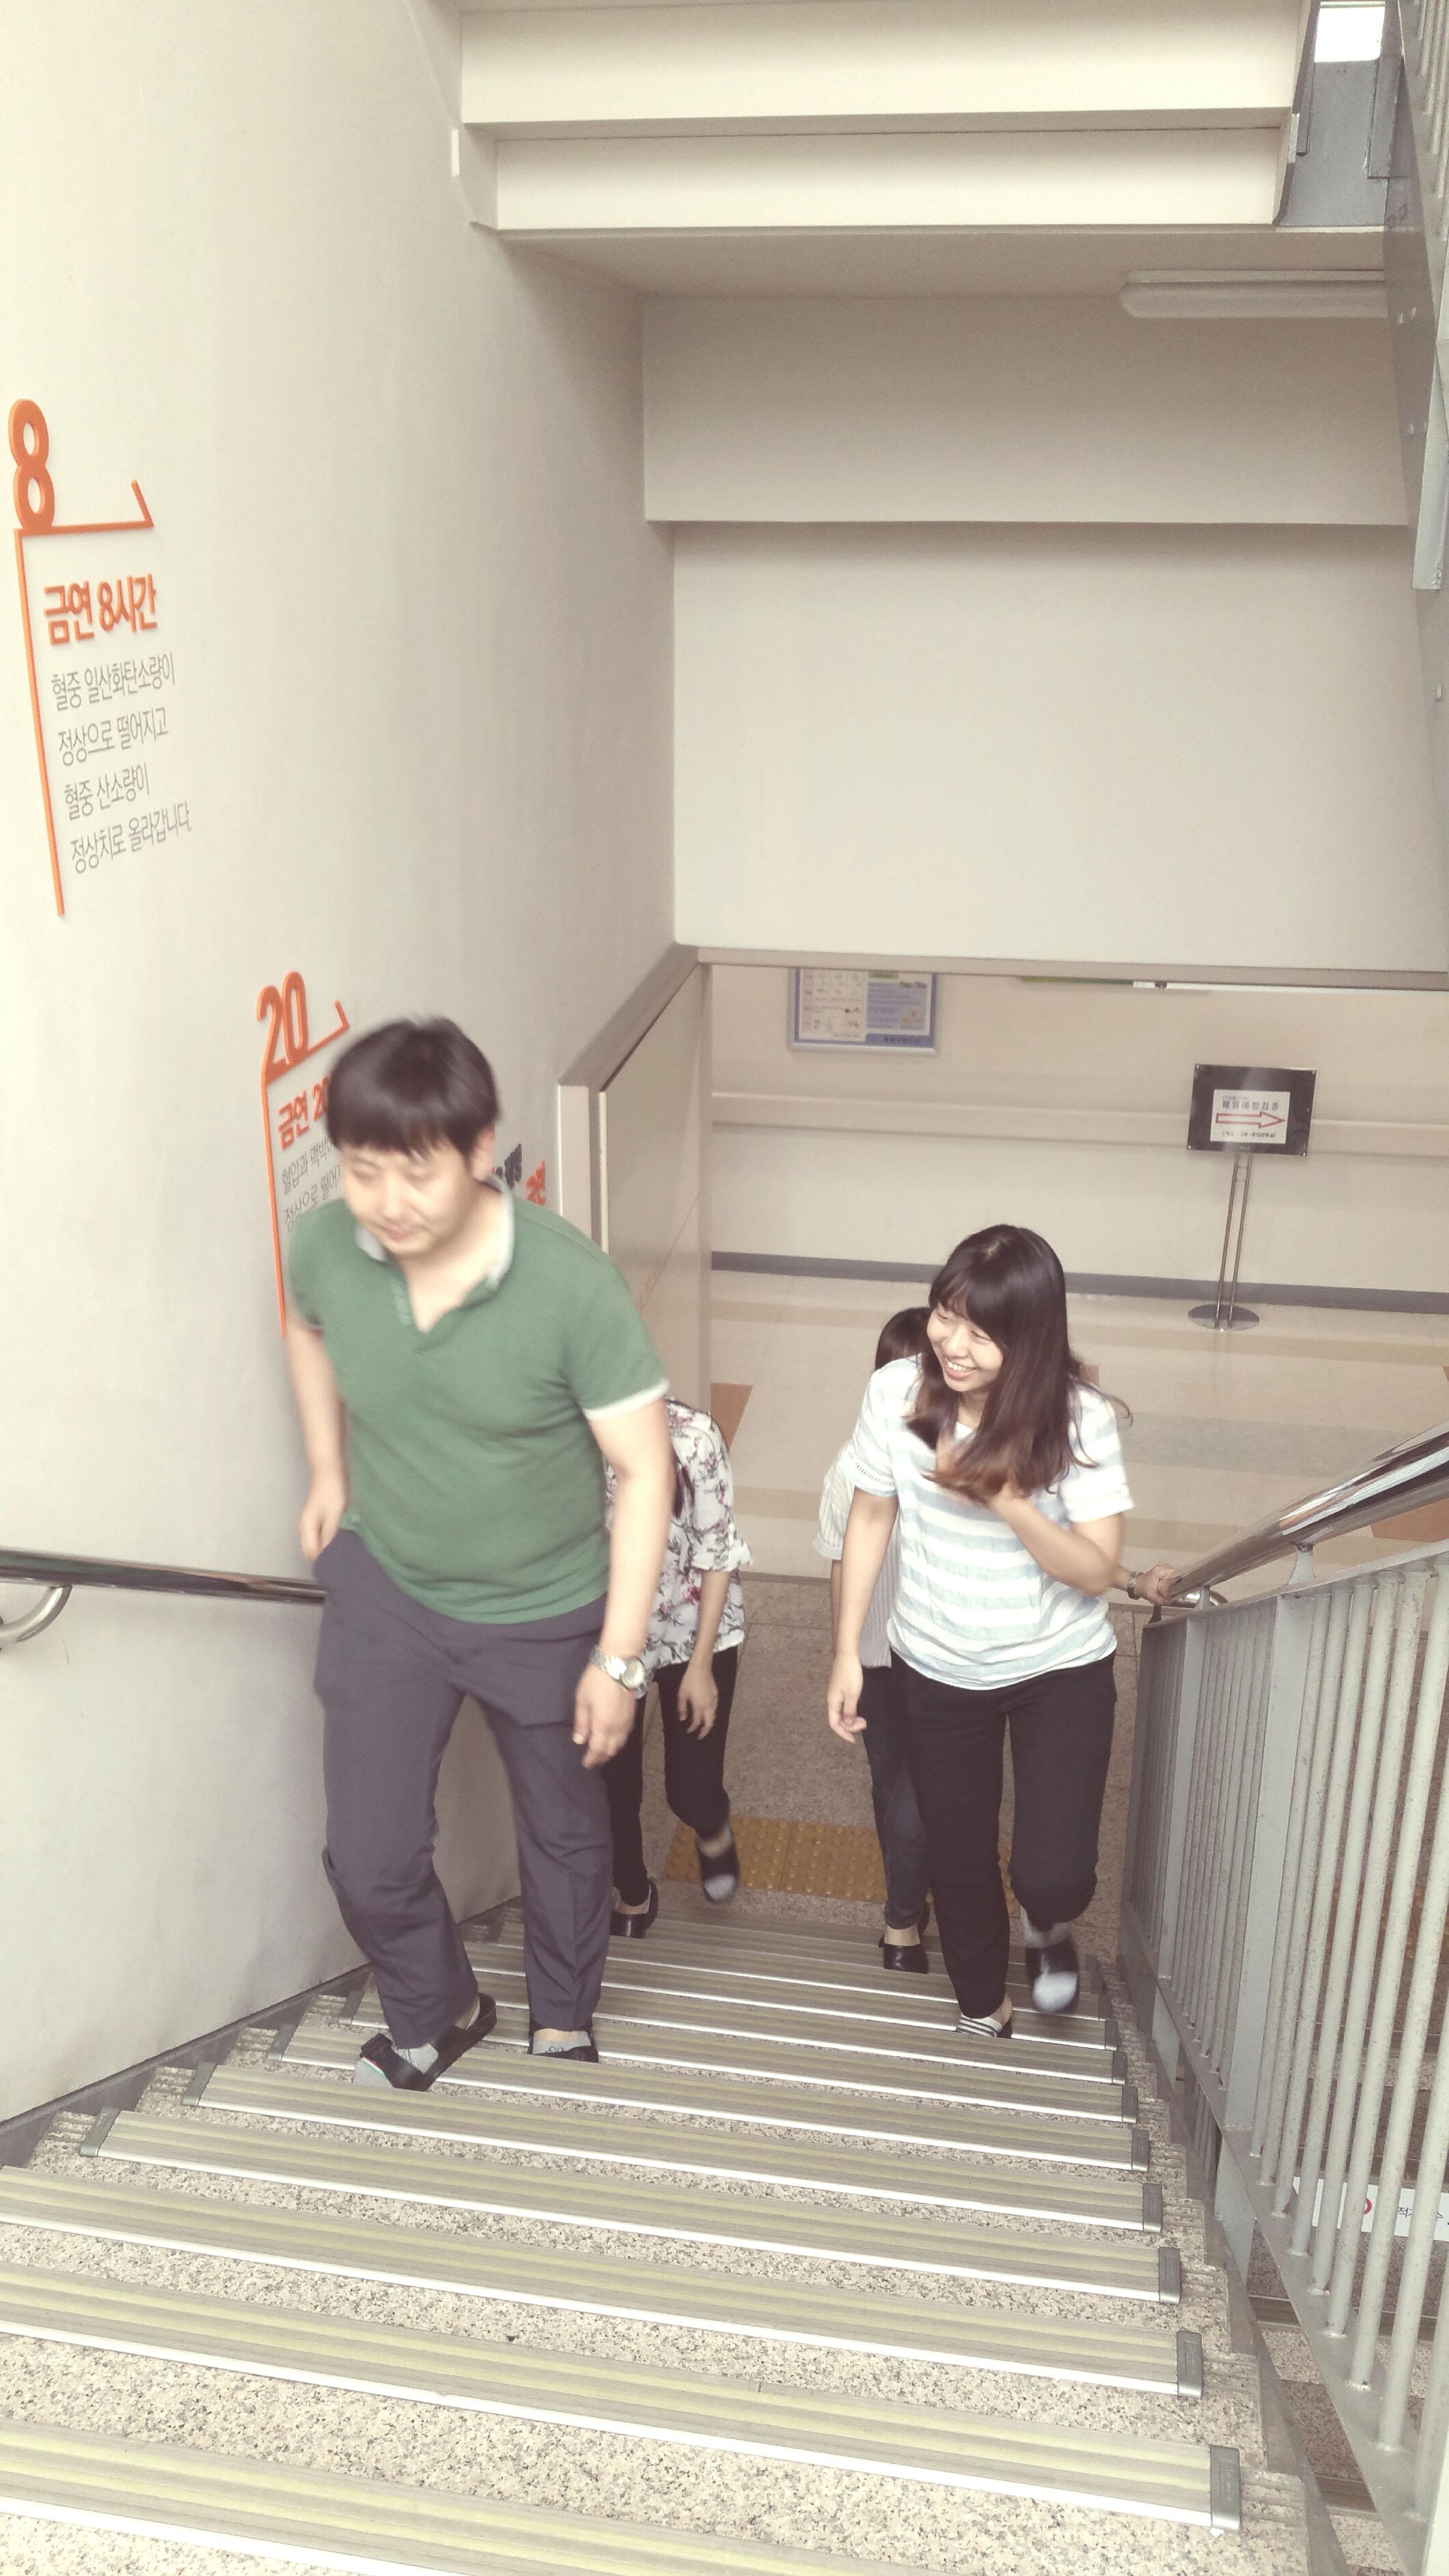 중원구보건소 '건강 담은 계단' 눈길